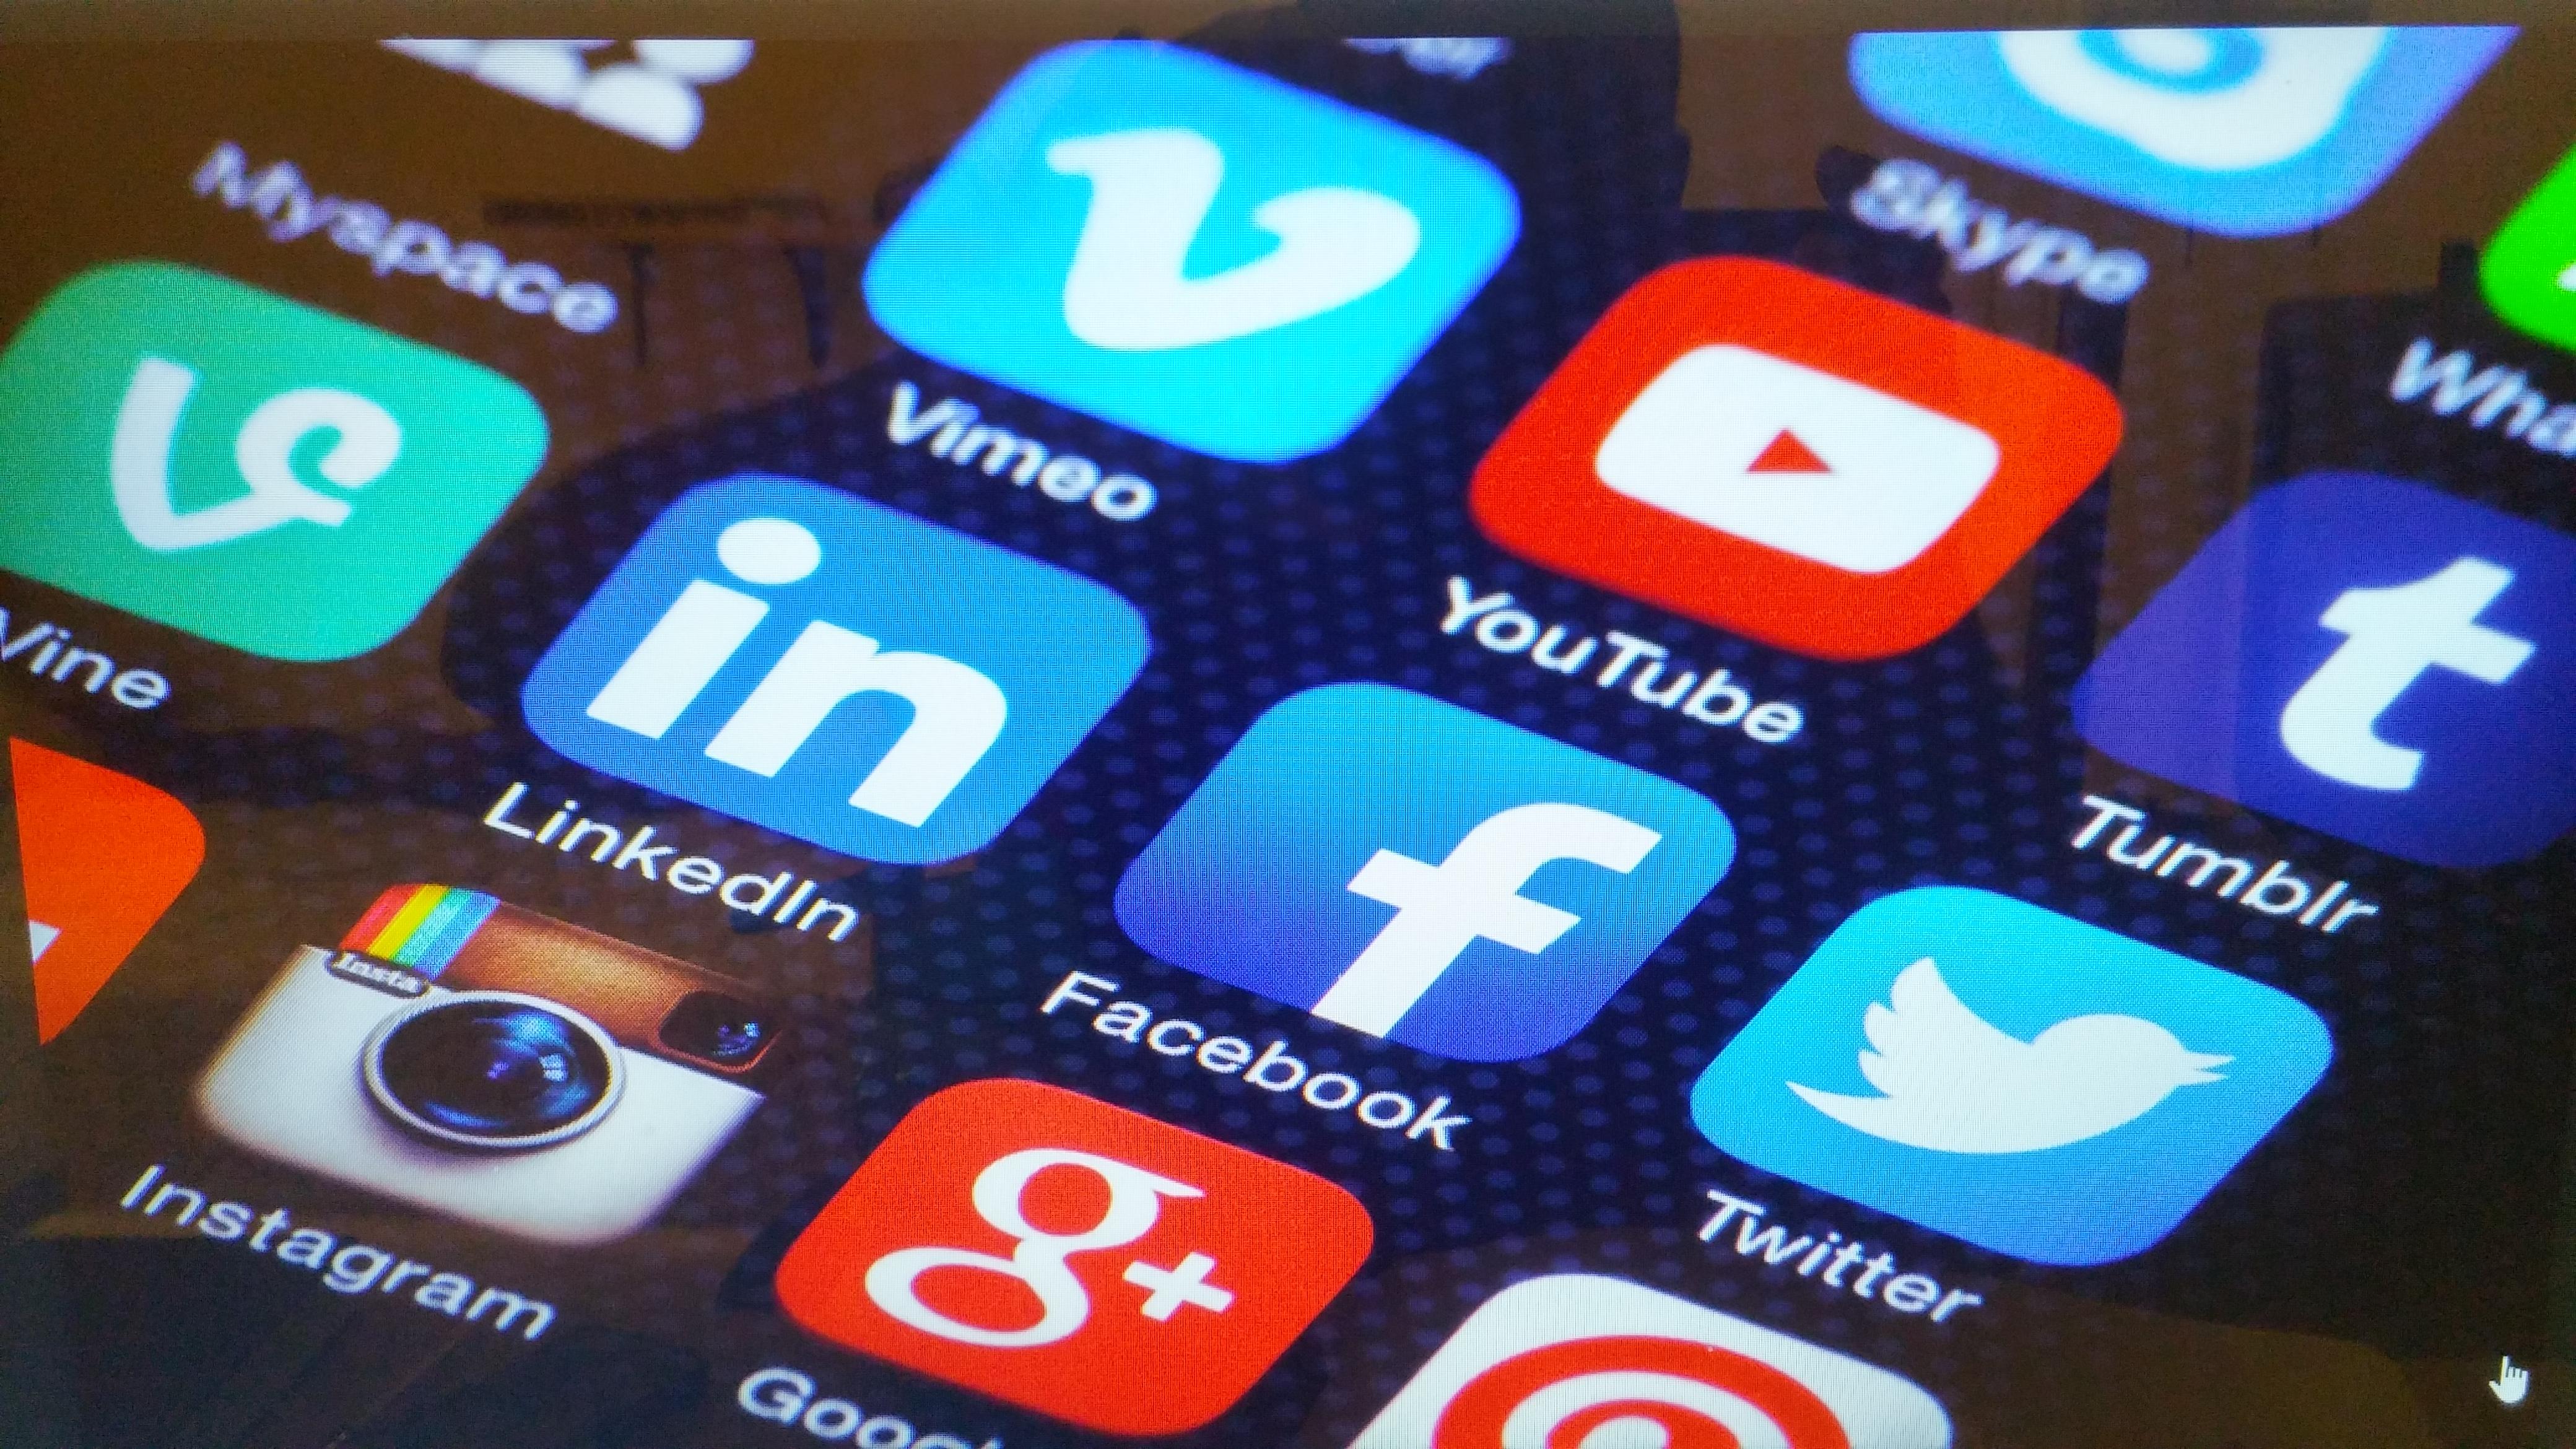 39c4347e67ec Príspevky na sociálnych sieťach monitoruje polícia